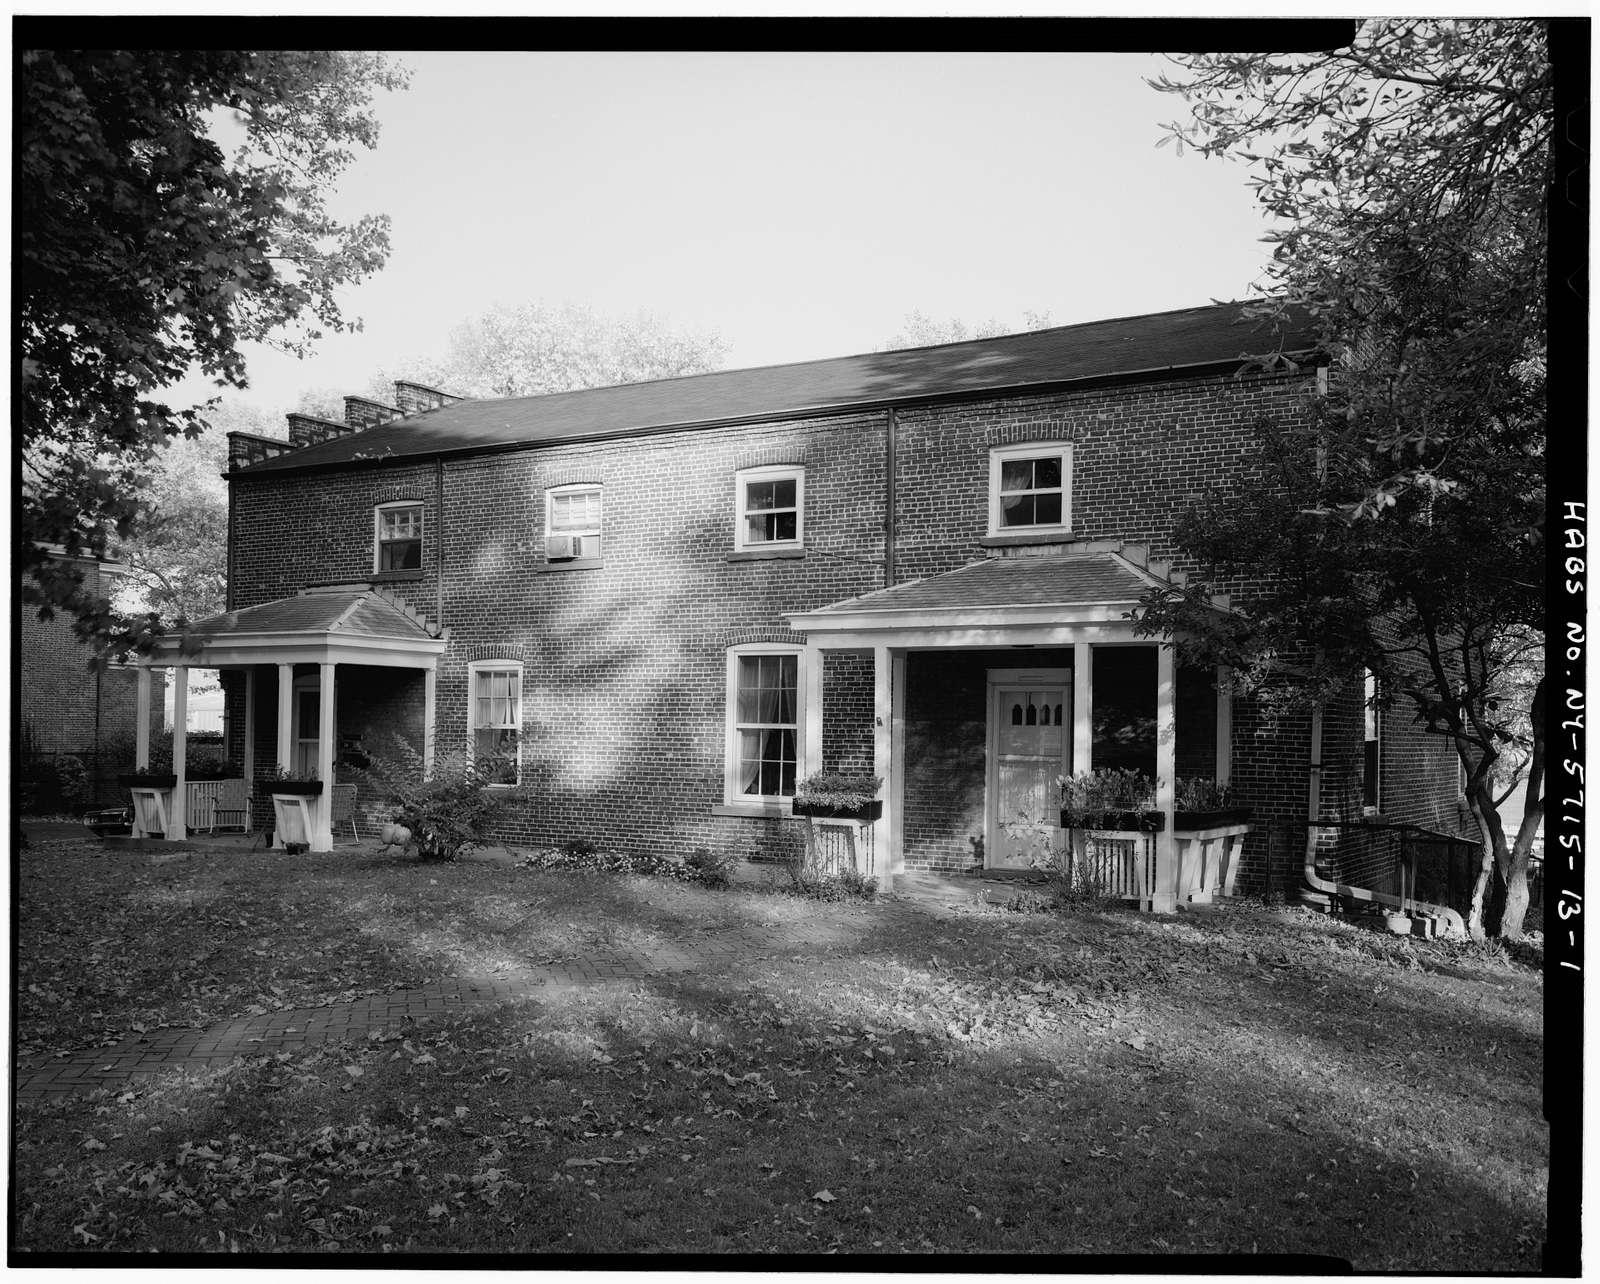 Governors Island, Commissary Storehouse, New York Harbor, Nolan Park, New York, New York County, NY